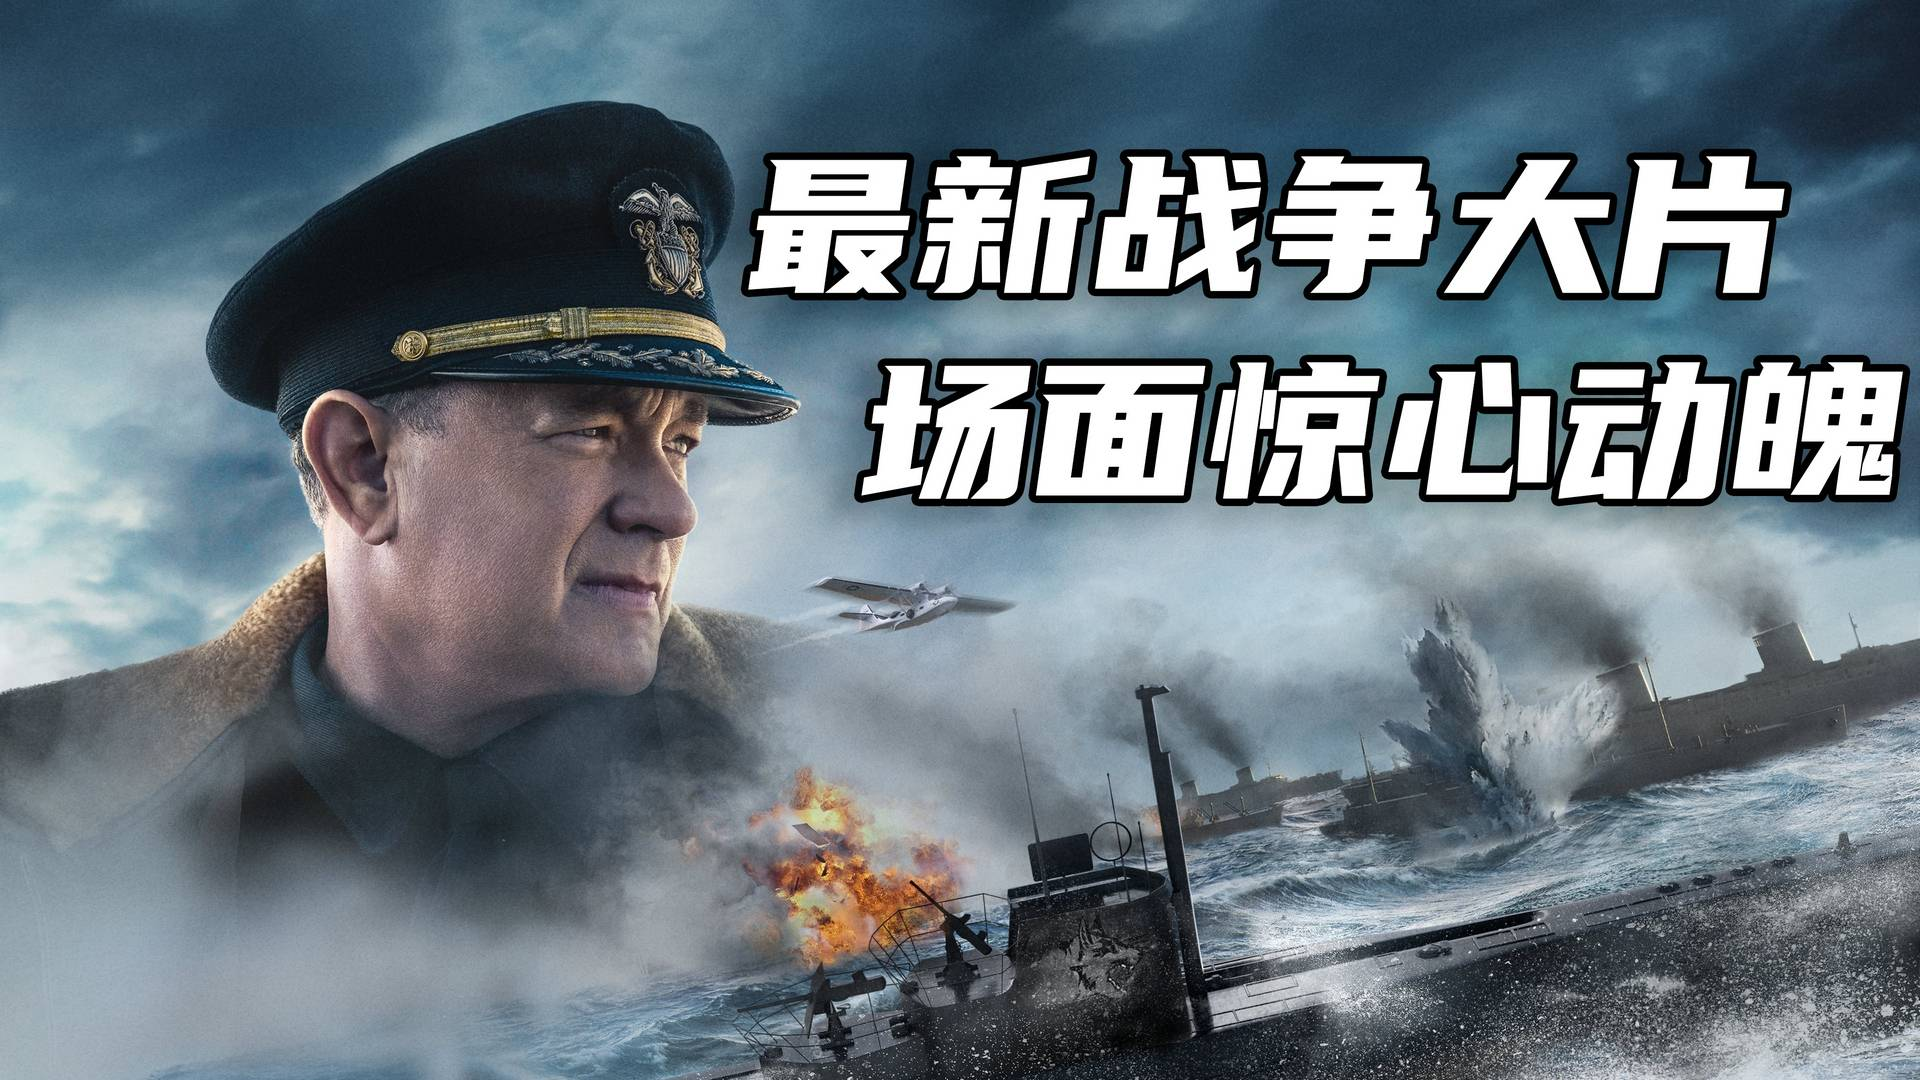 【阿斗】2020最新战争大片,汤姆汉克斯主演《灰猎犬号》场面震撼看得惊心动魄